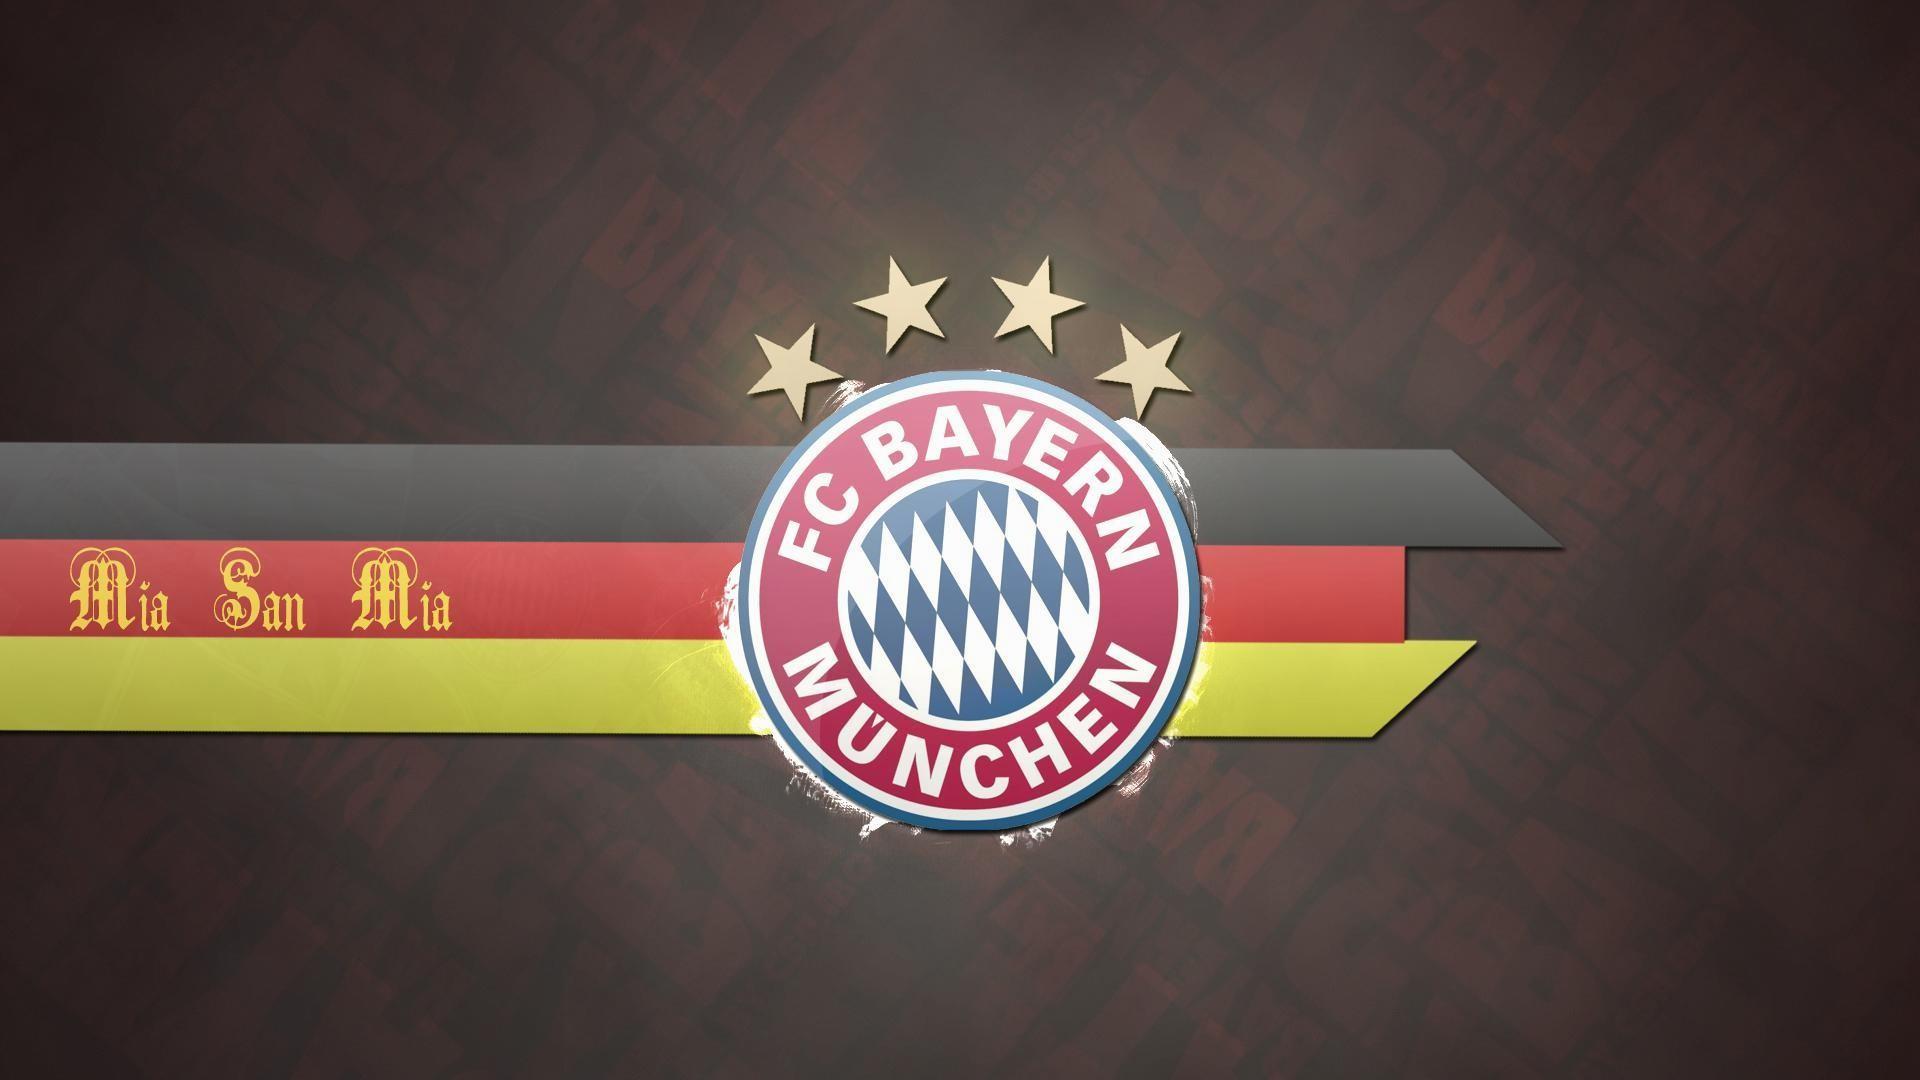 Fc-Bayern-Munich-HD-Cave-wallpaper-wp4006319